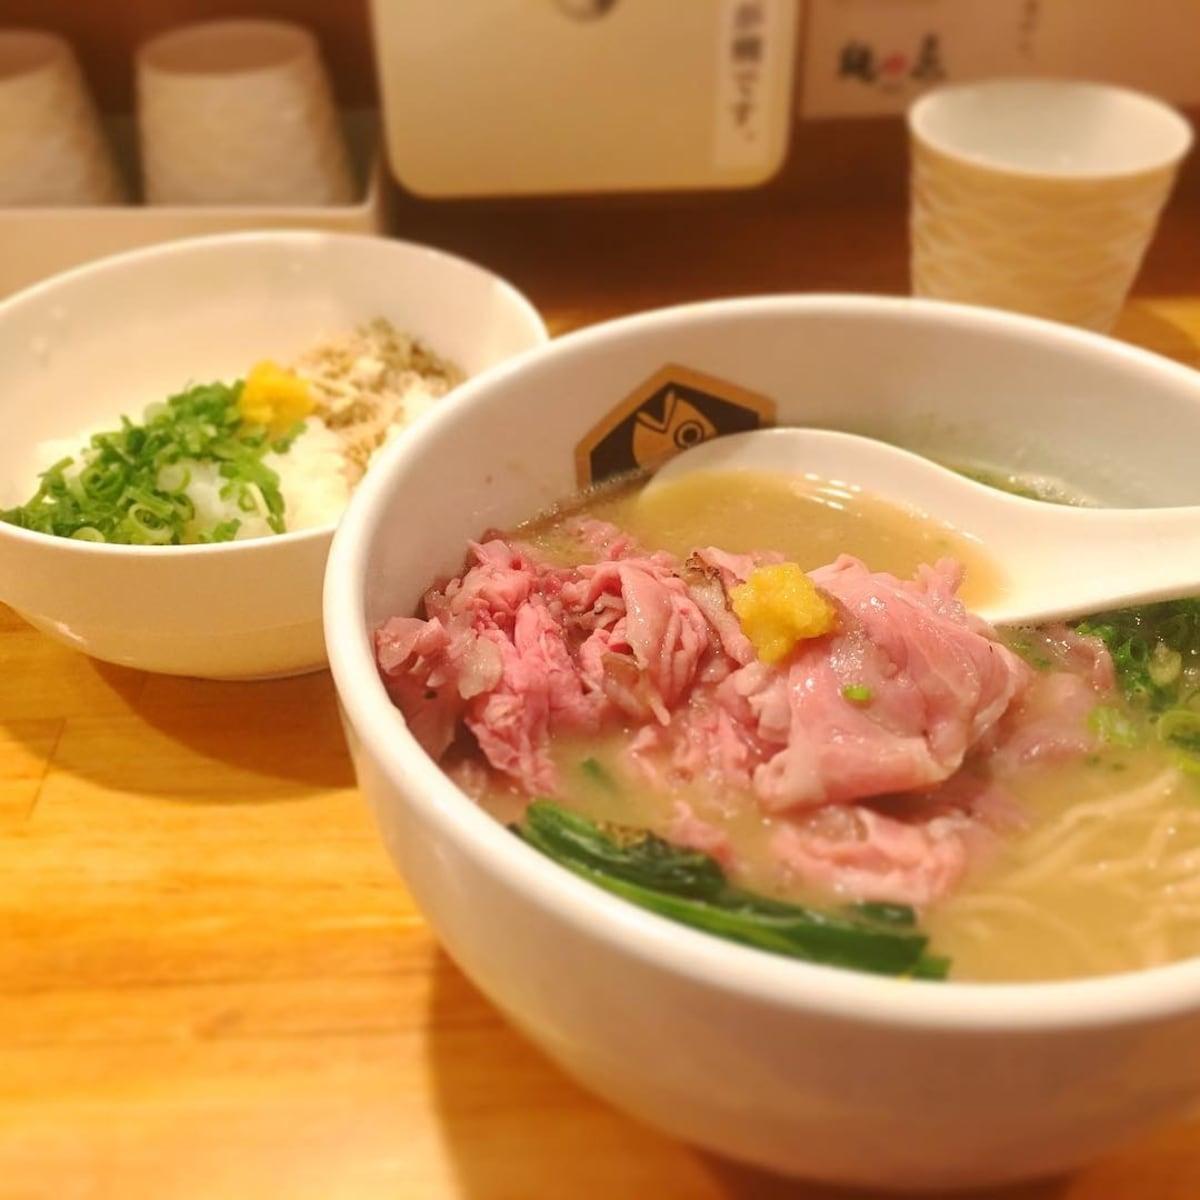 【錦糸町】金黃色湯頭的真鯛拉麵|麵魚